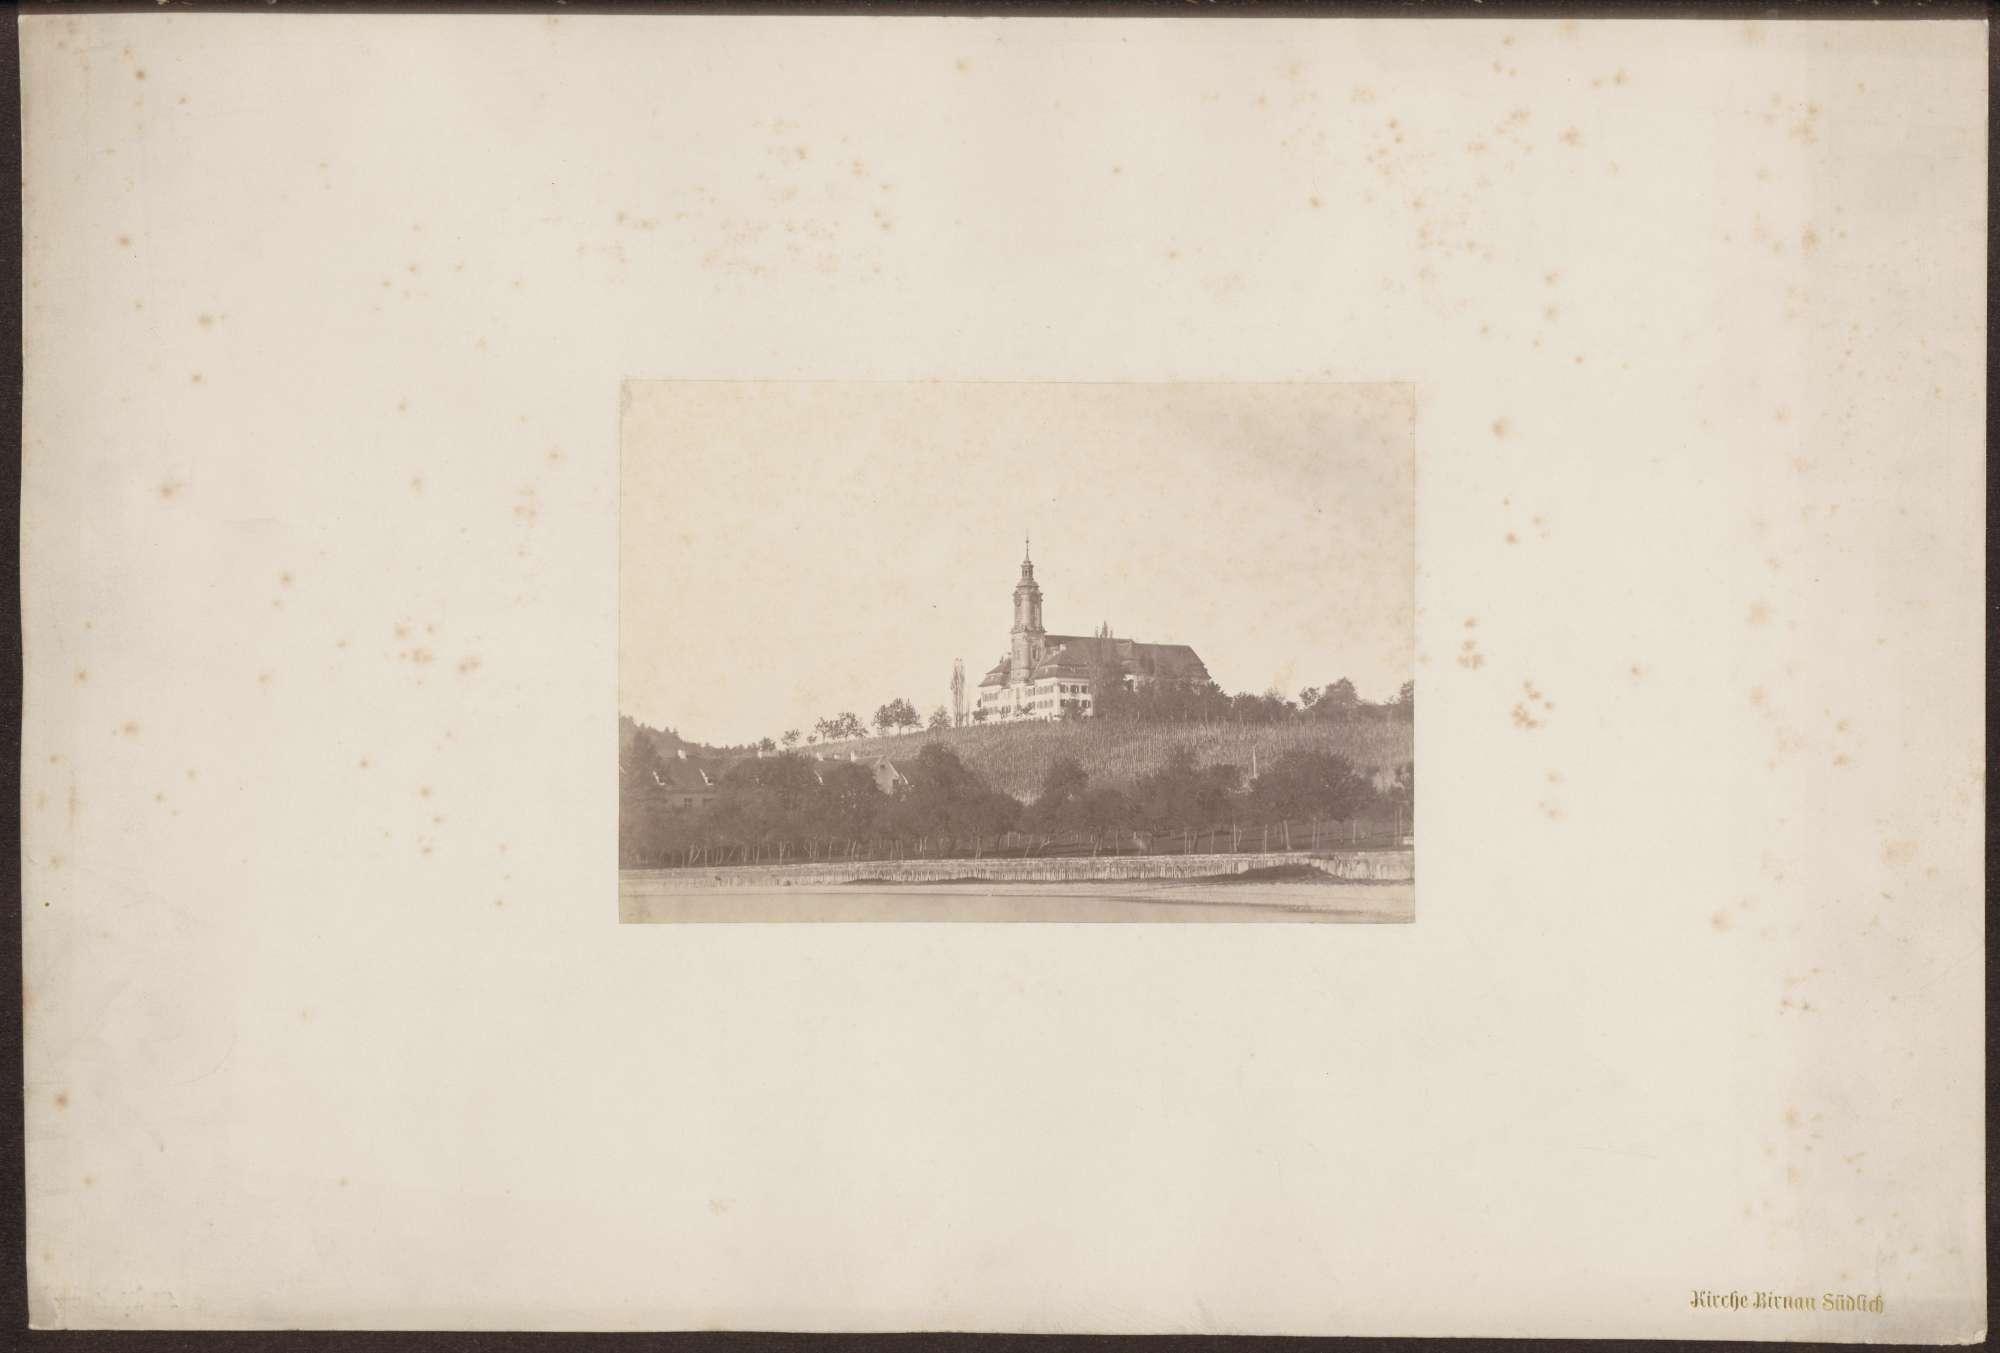 Kirche in Birnau, vom See aus gesehen., Bild 1